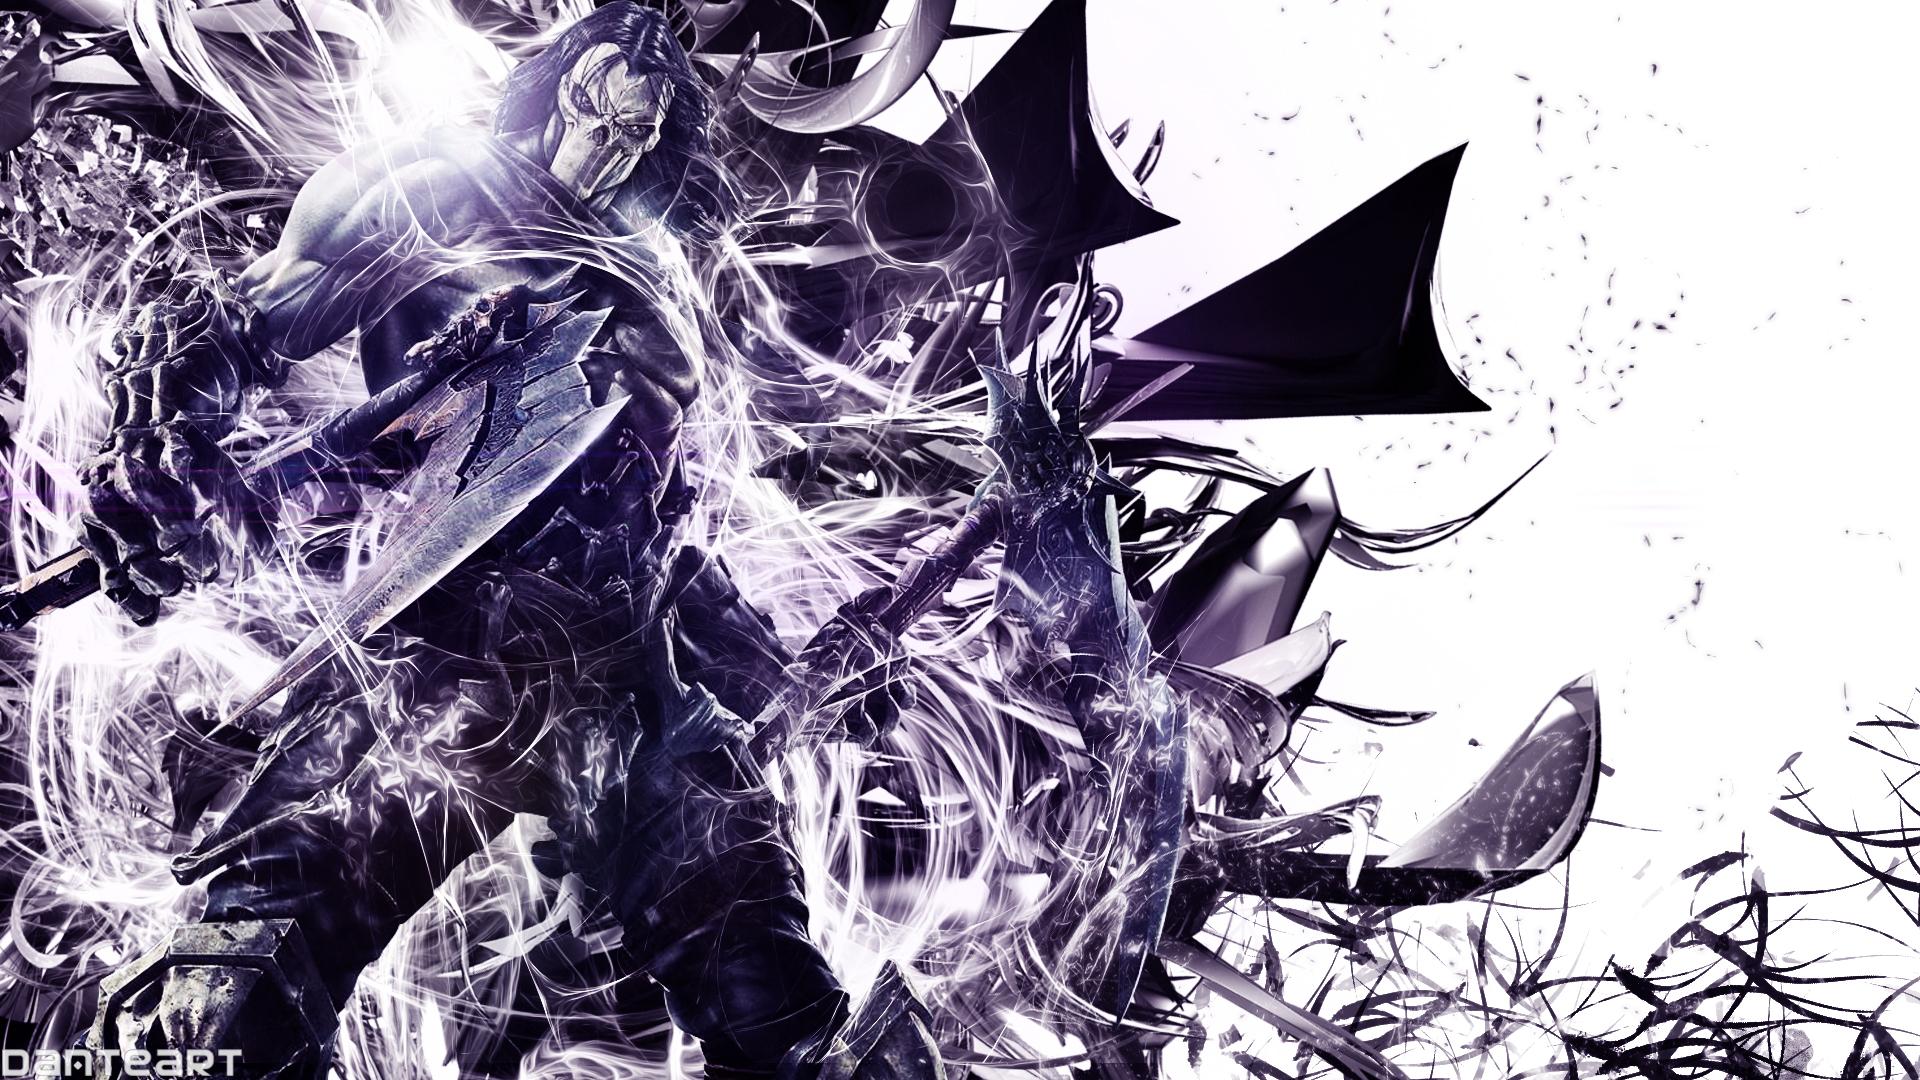 Drag On Dragoon 4k Wallpaper: Darksiders 2 Death Wallpaper By DanteArtWallpapers On